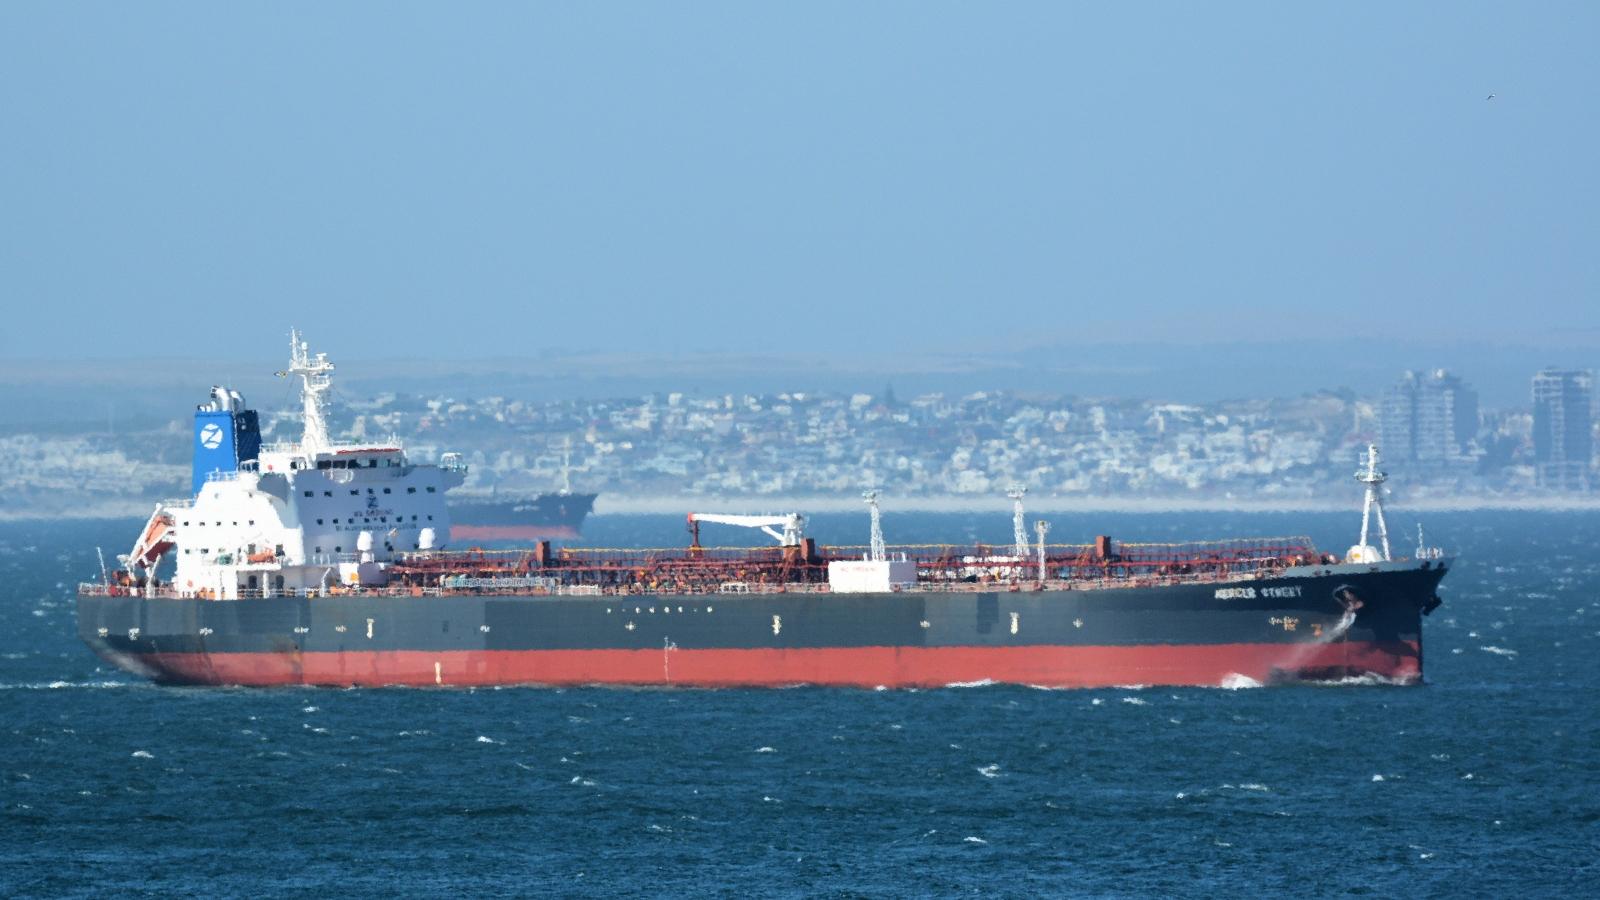 Mỹ đổ lỗi cho Iran trong vụ tấn công tàu chở dầu ngoài khơi Oman